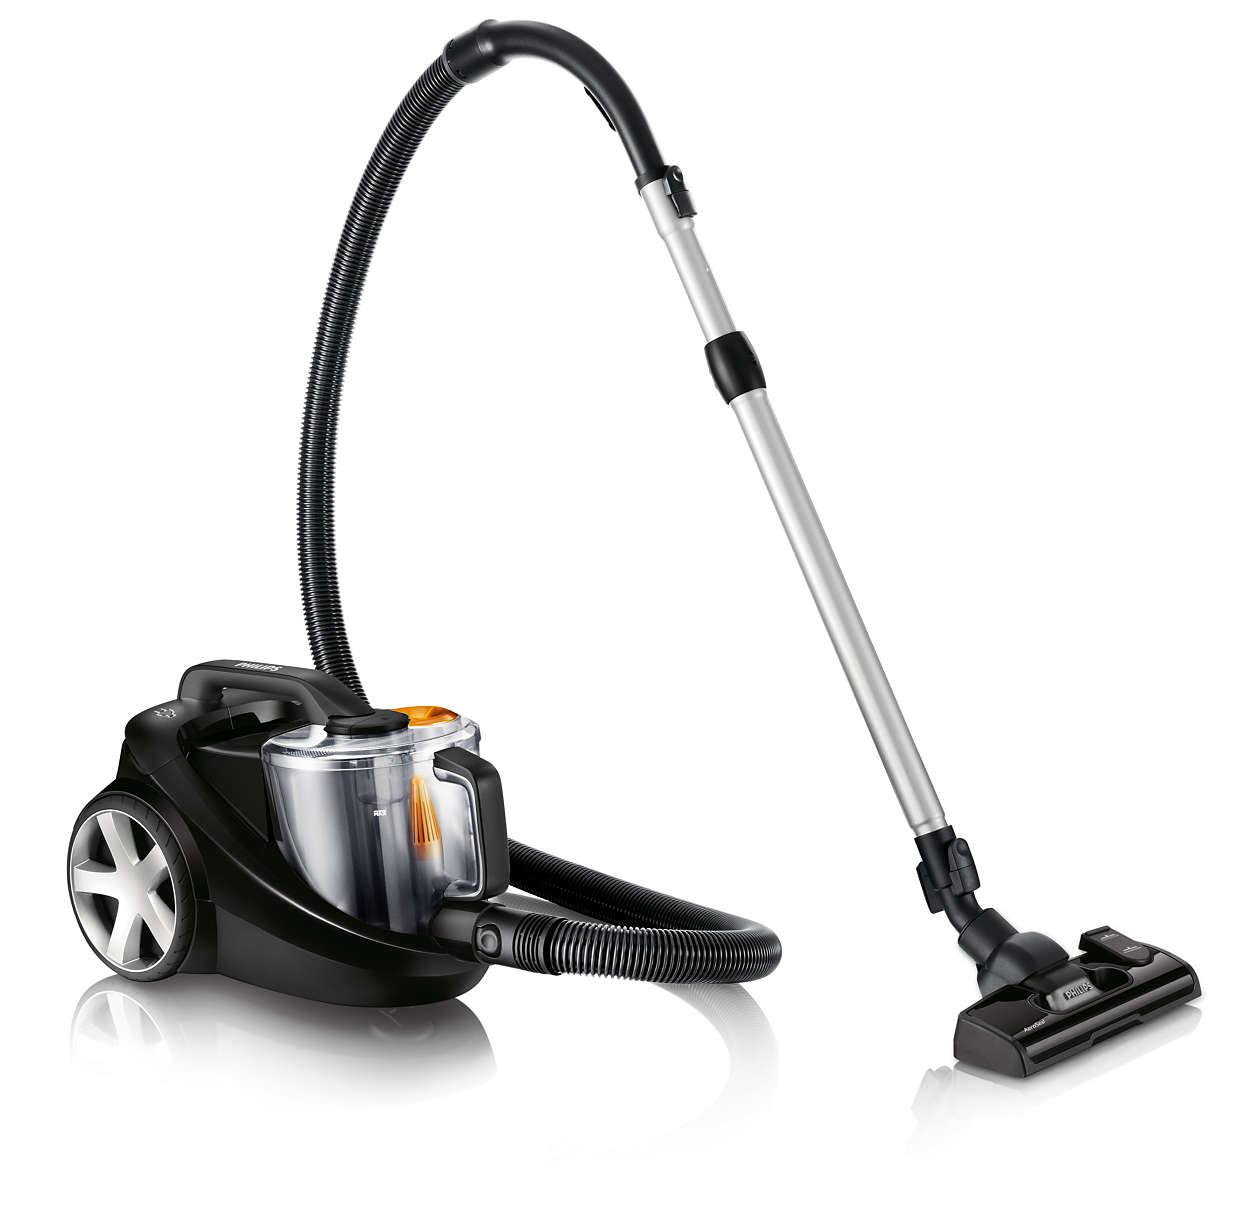 Usisava 40 % više prašine i osigurava bolje čišćenje